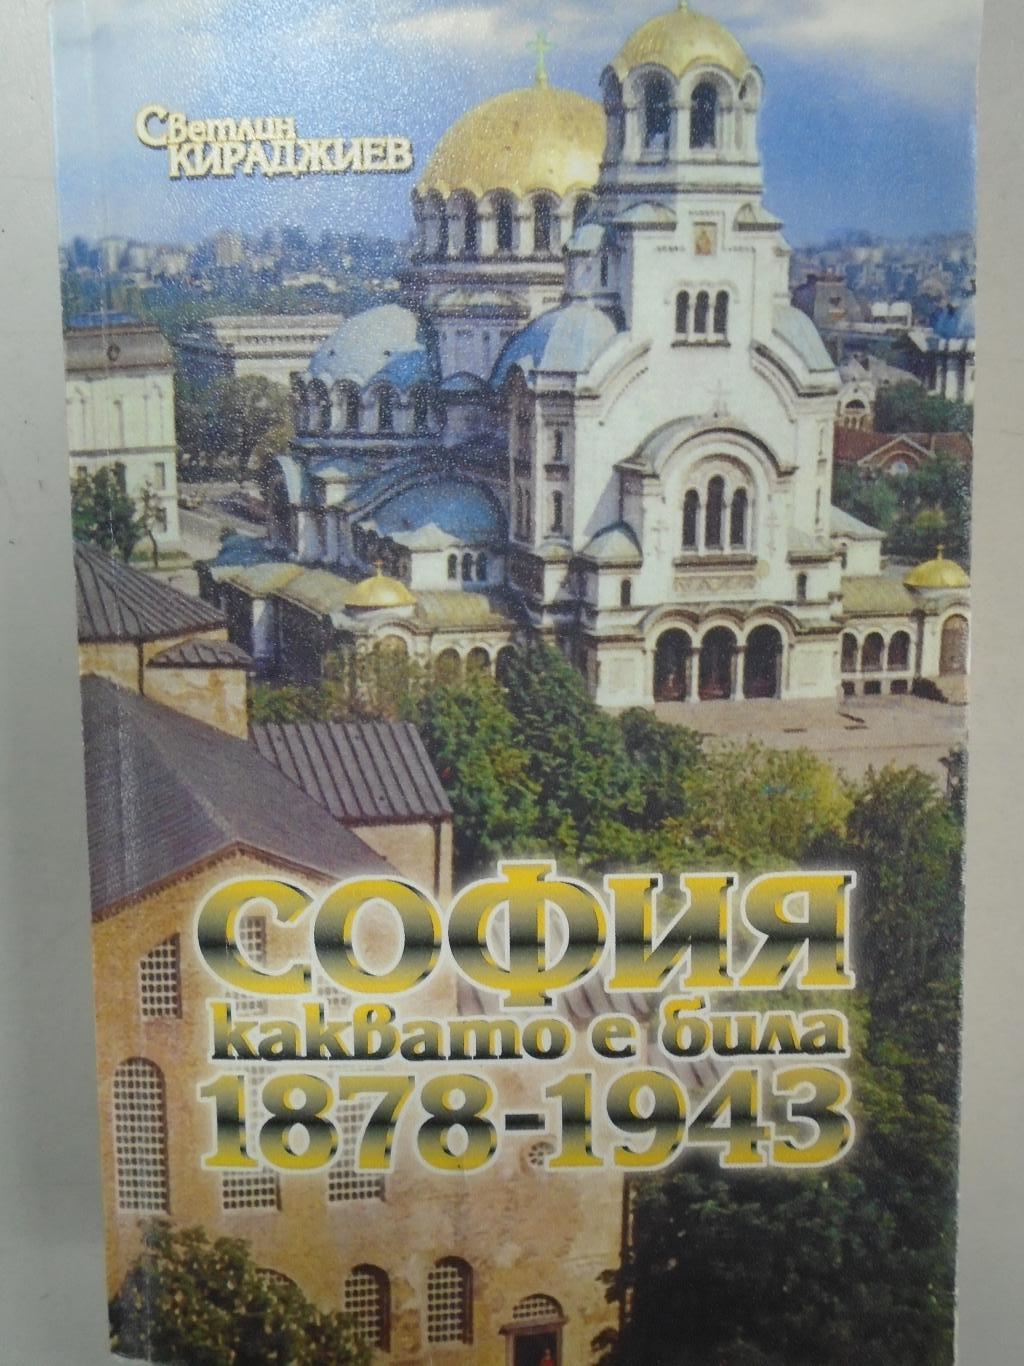 София каквато е била 1878 - 1943